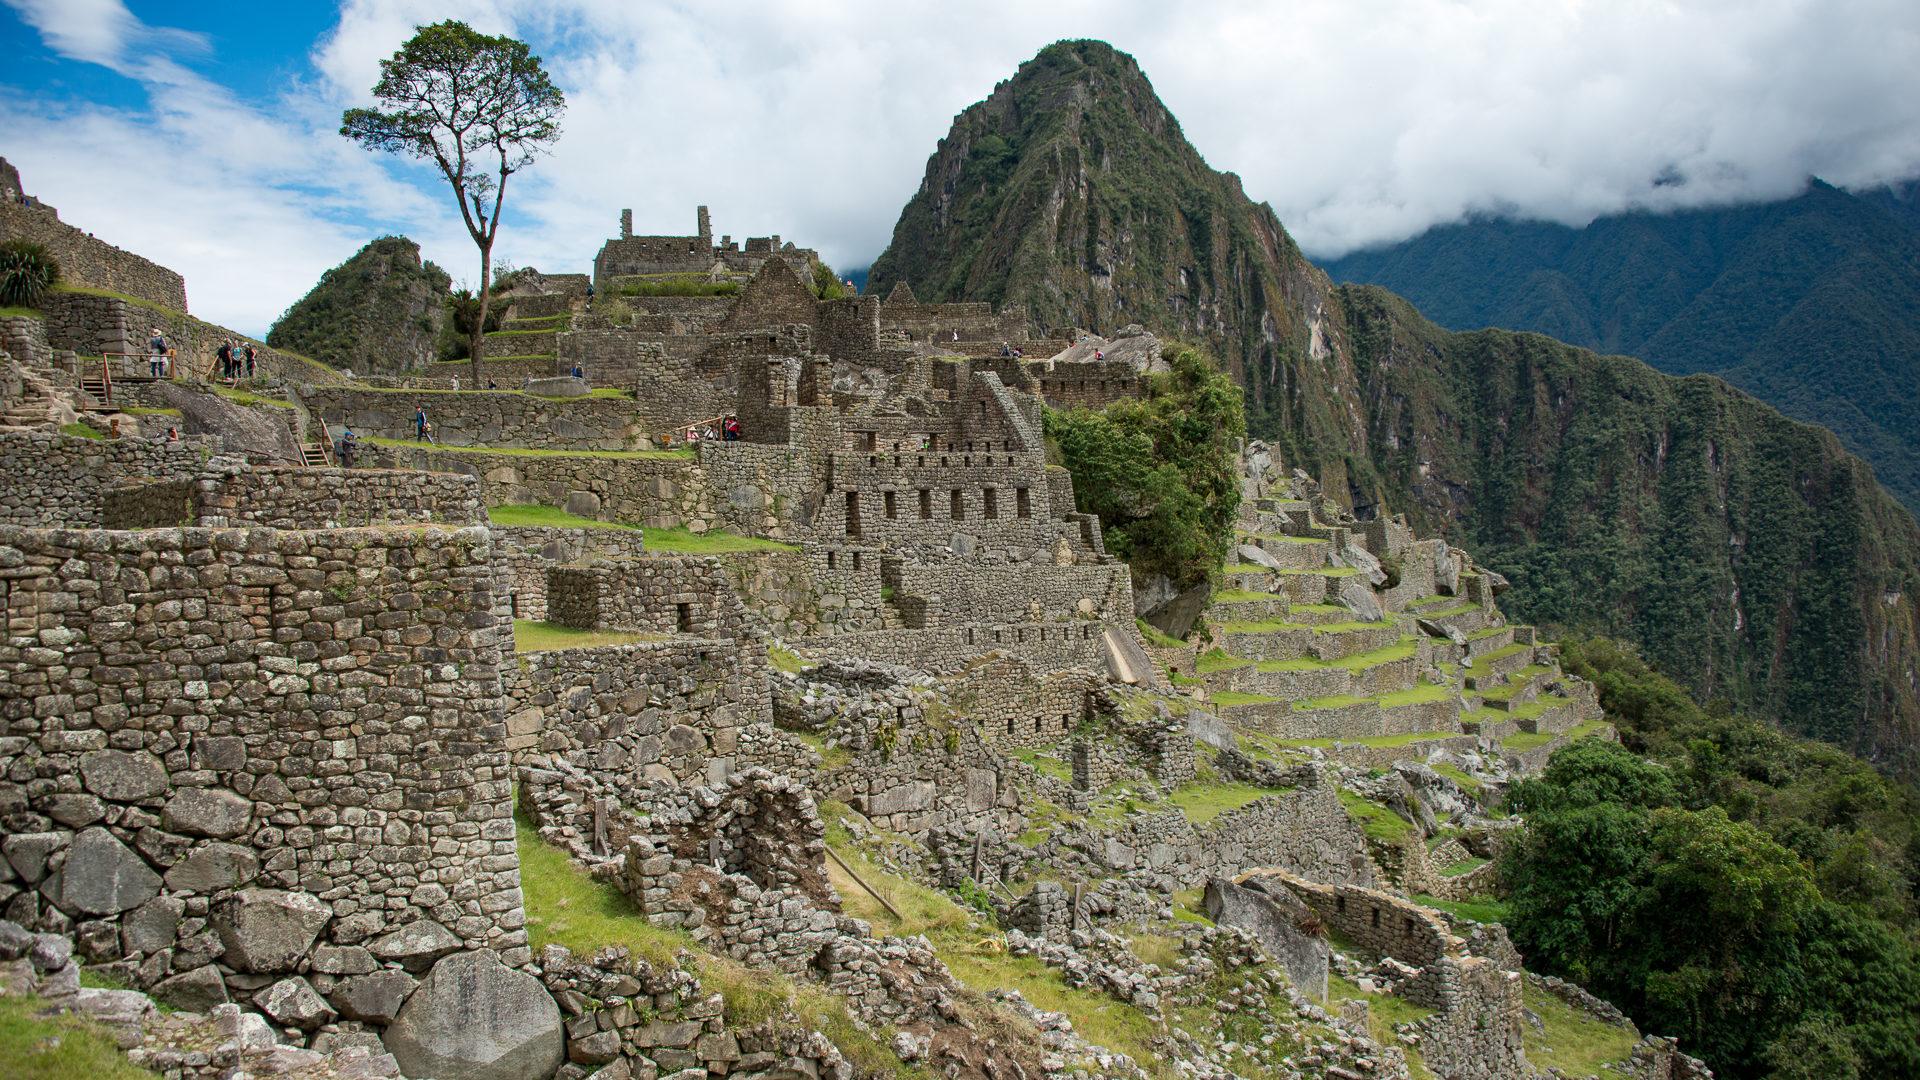 SMartin_2018 Peru Machu Picchu (136 of 139)